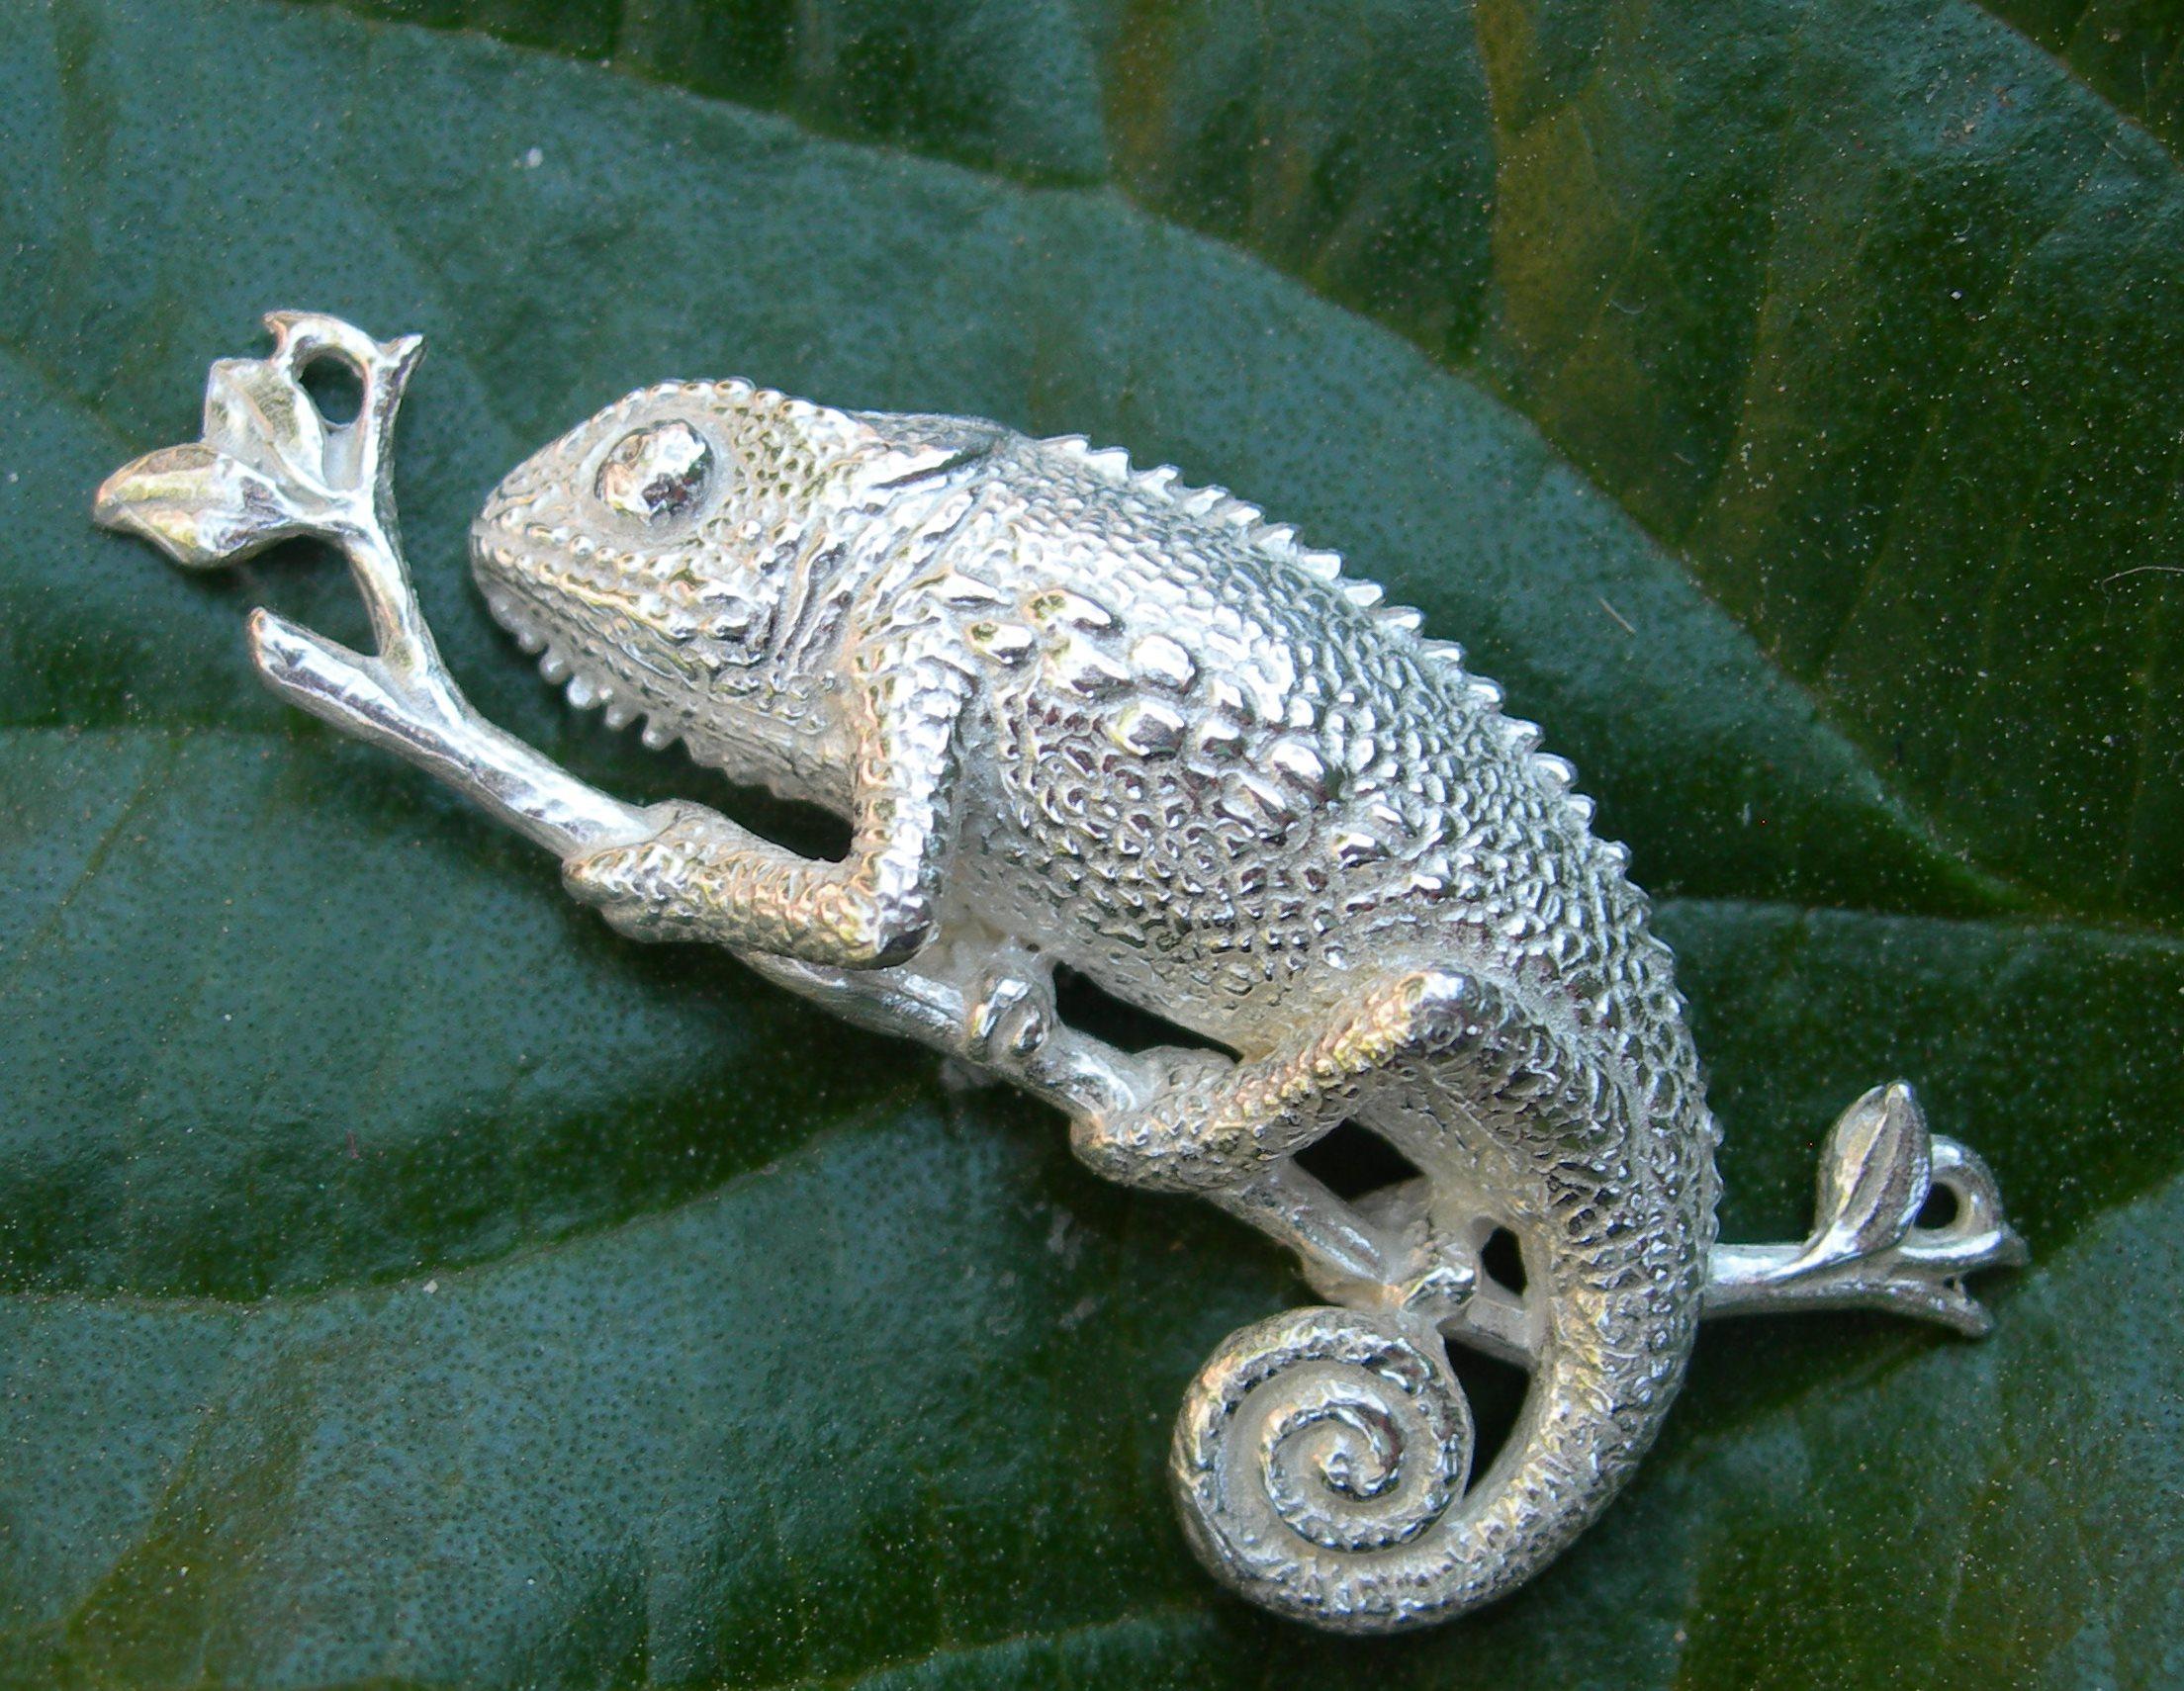 Chameleon sterling silver pendant